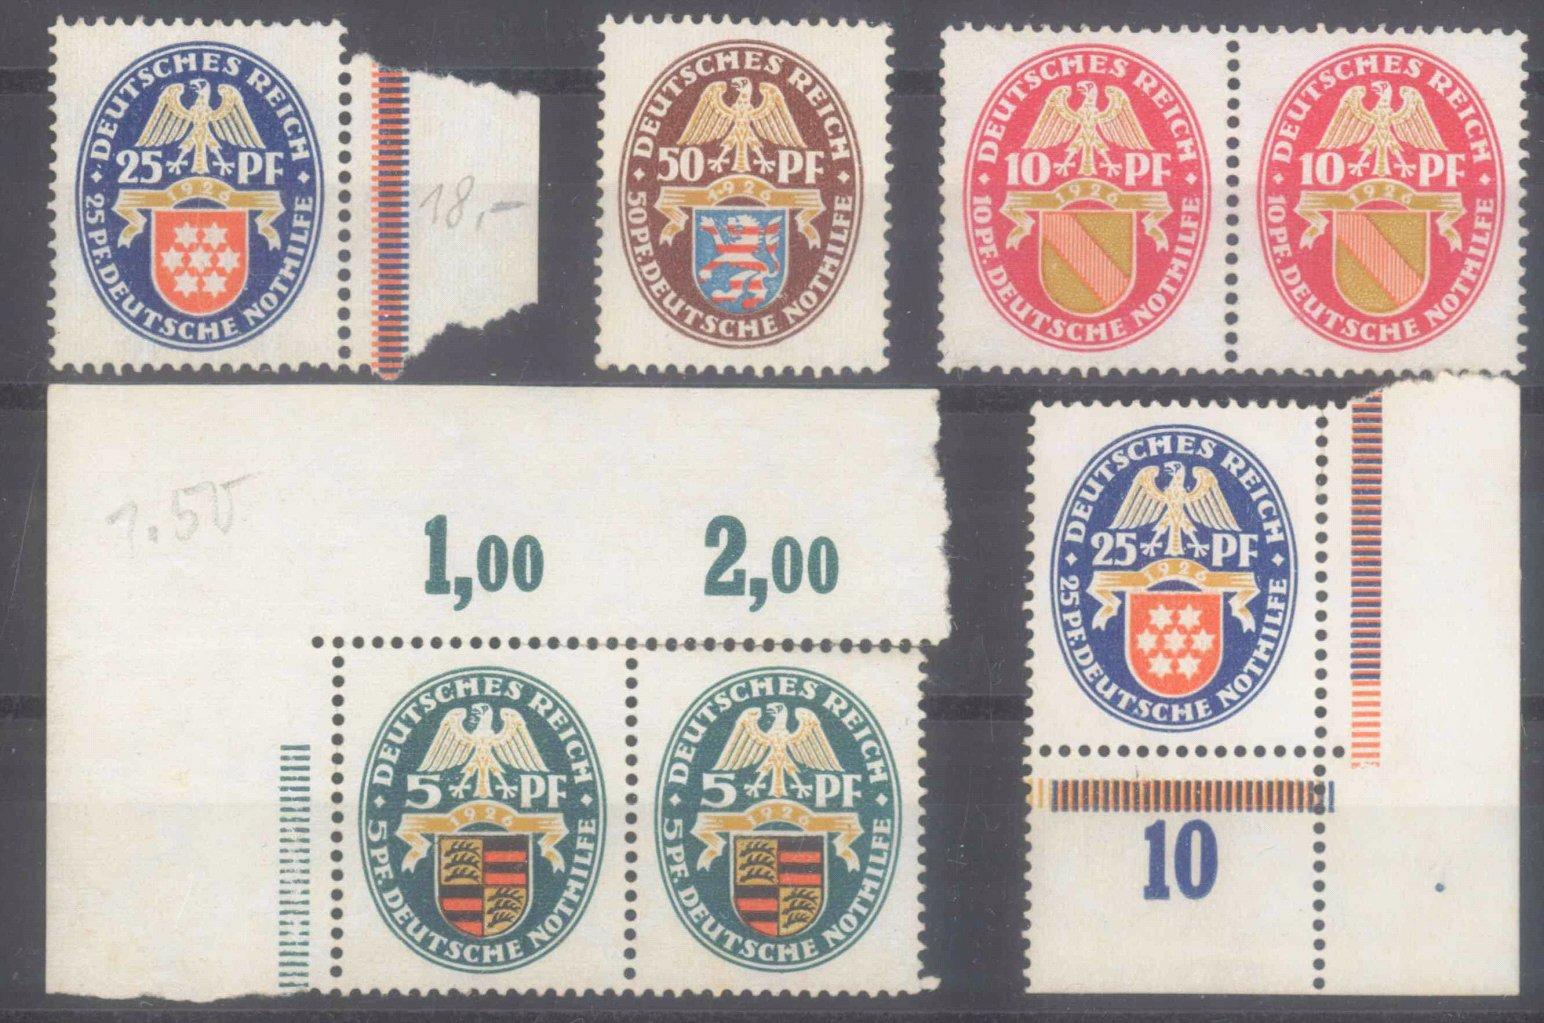 DEUTSCHES REICH 1926, NOTHILFE